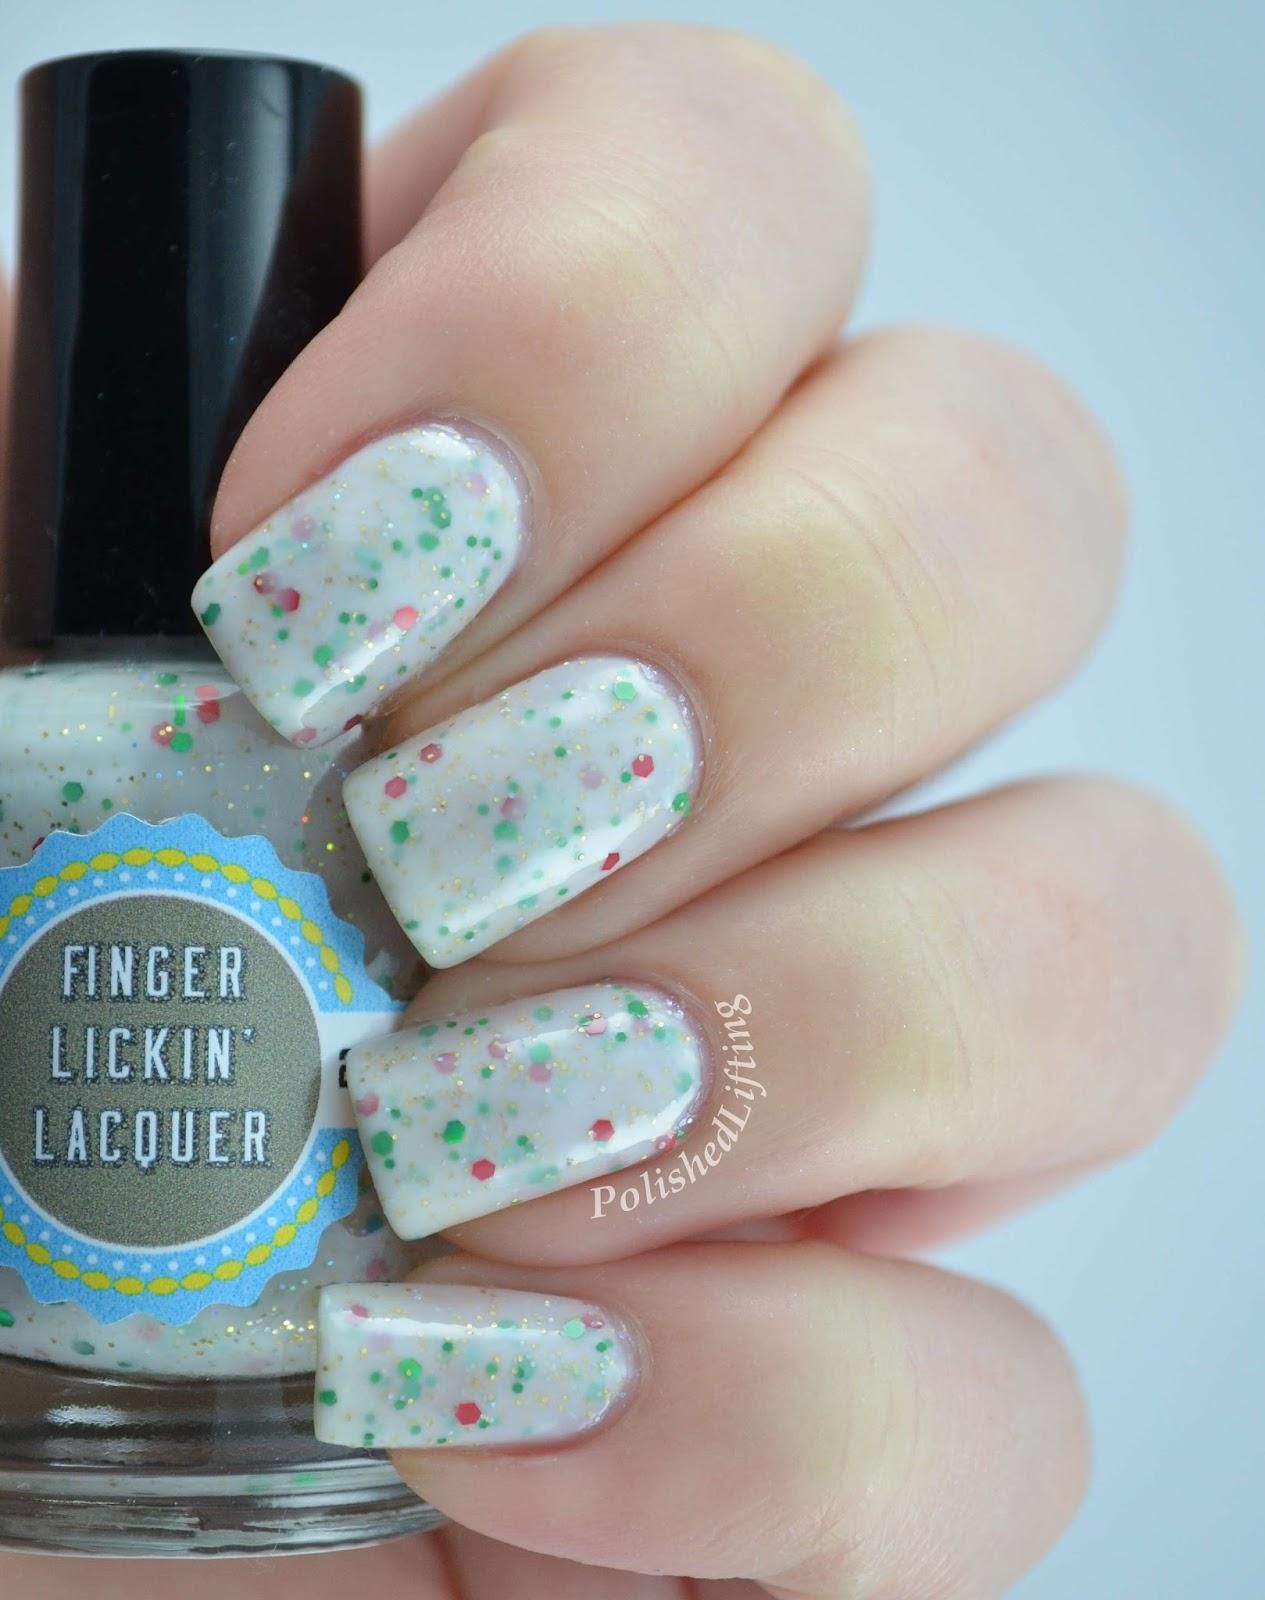 Finger Lickin' Lacquer December in a Blender